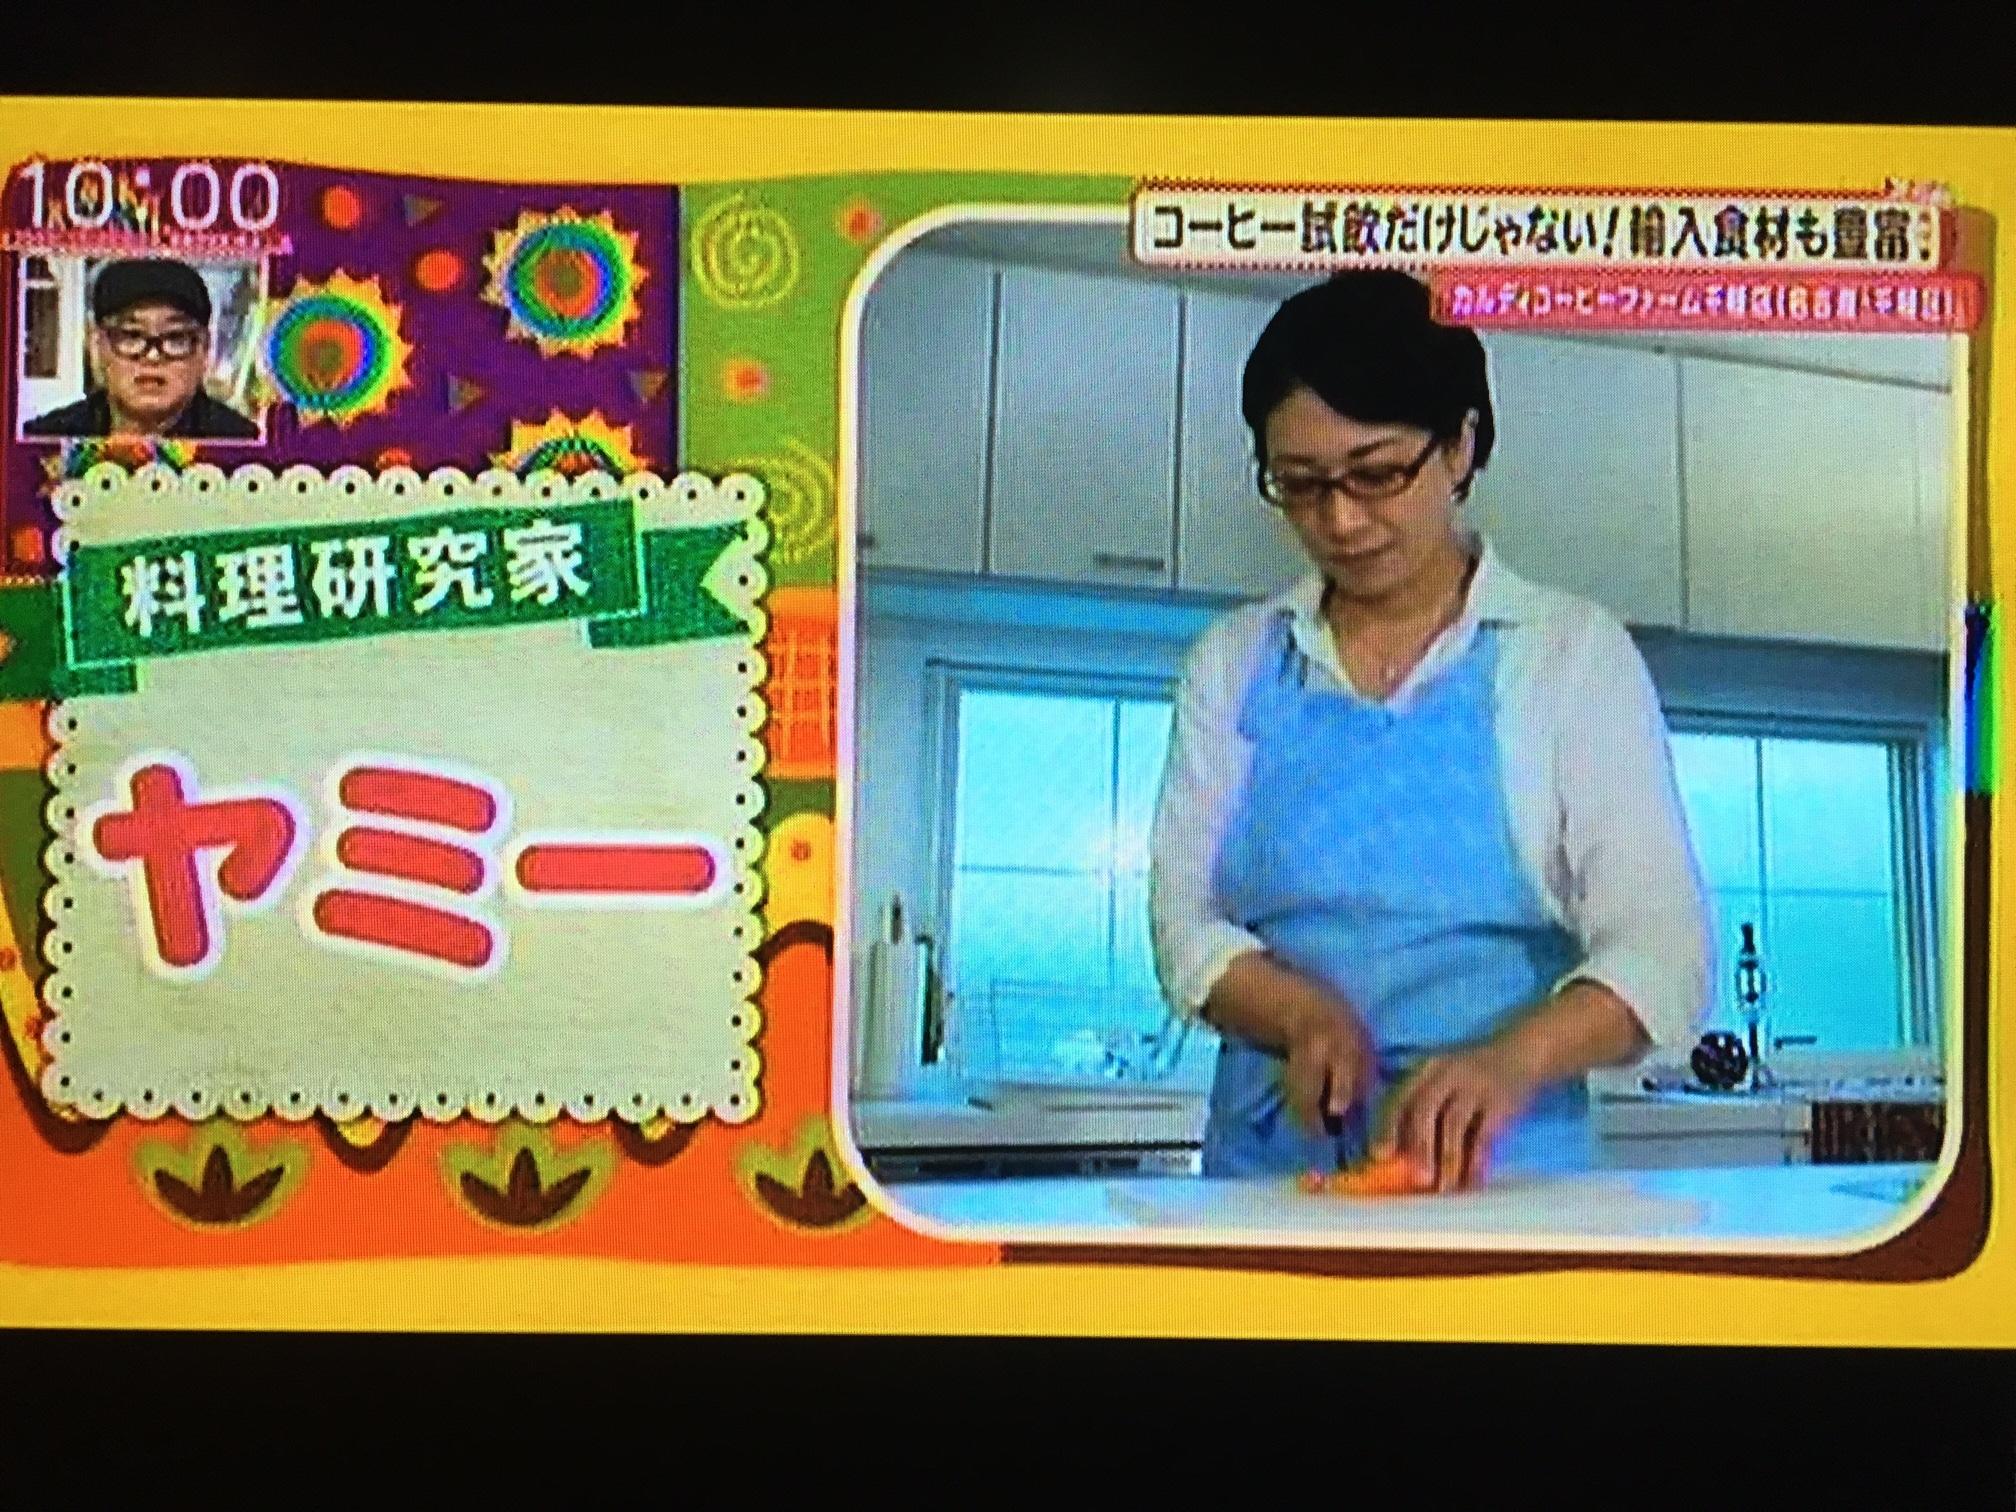 ヤミー:8/28放送 東海テレビ放送「スイッチ!」に出演しました